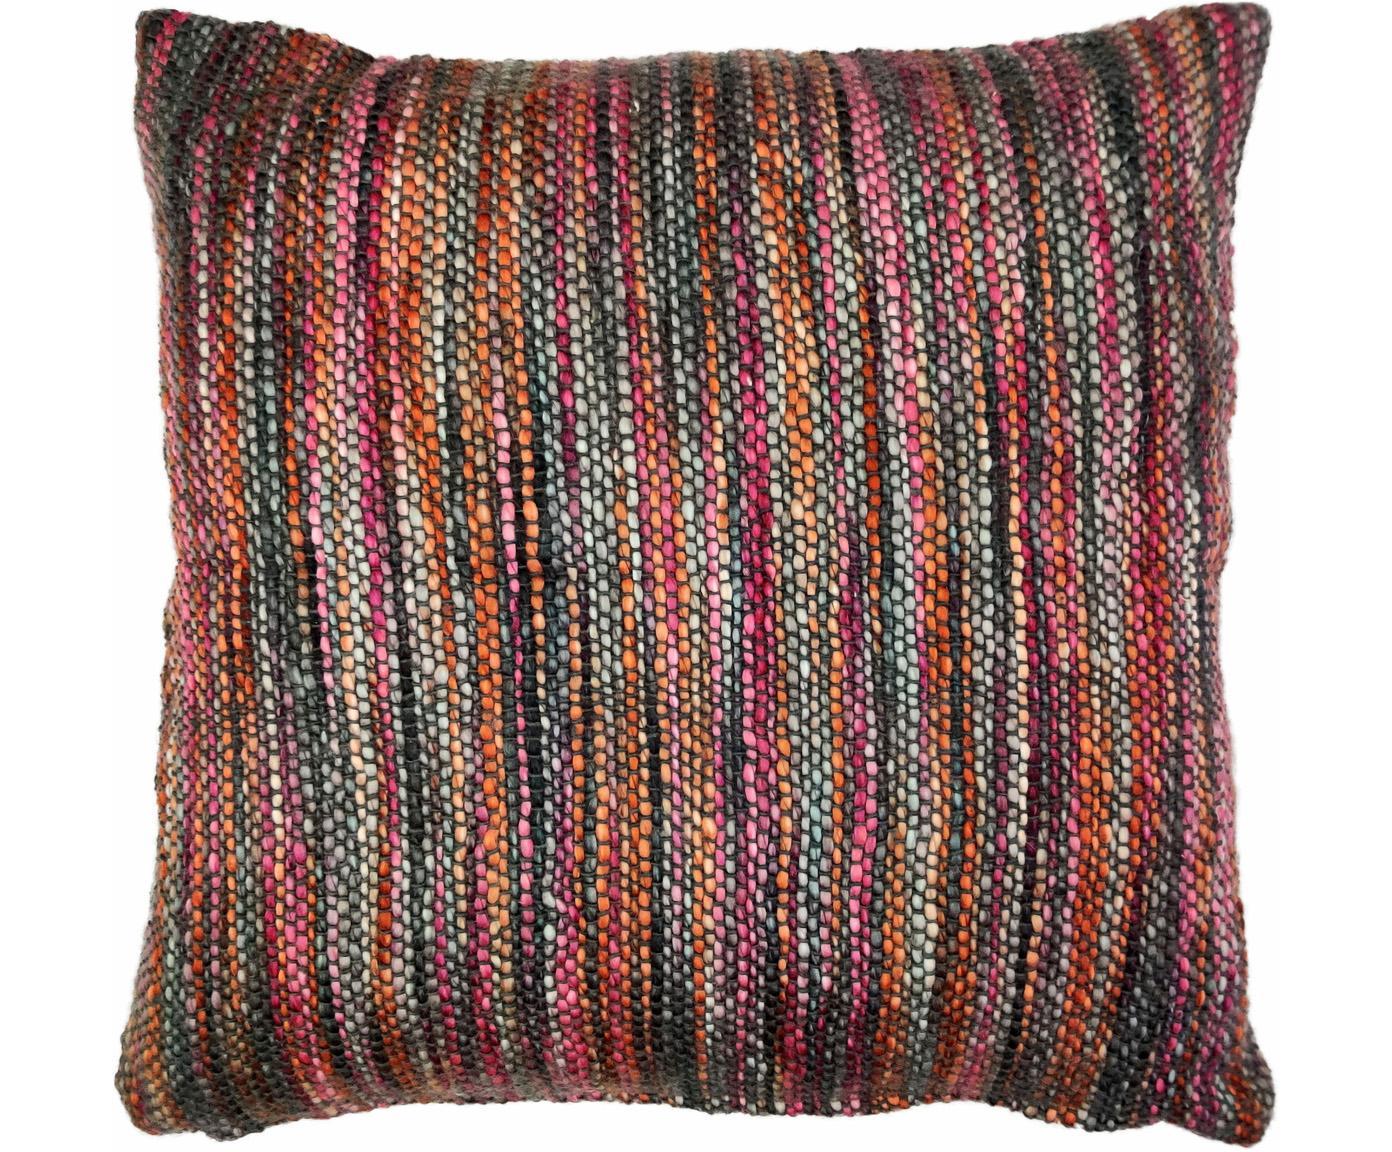 Cuscino colorato con imbottitura Tye, Rivestimento: 95% cotone, 5% acrilico, Multicolore, Larg. 45 x Lung. 45 cm